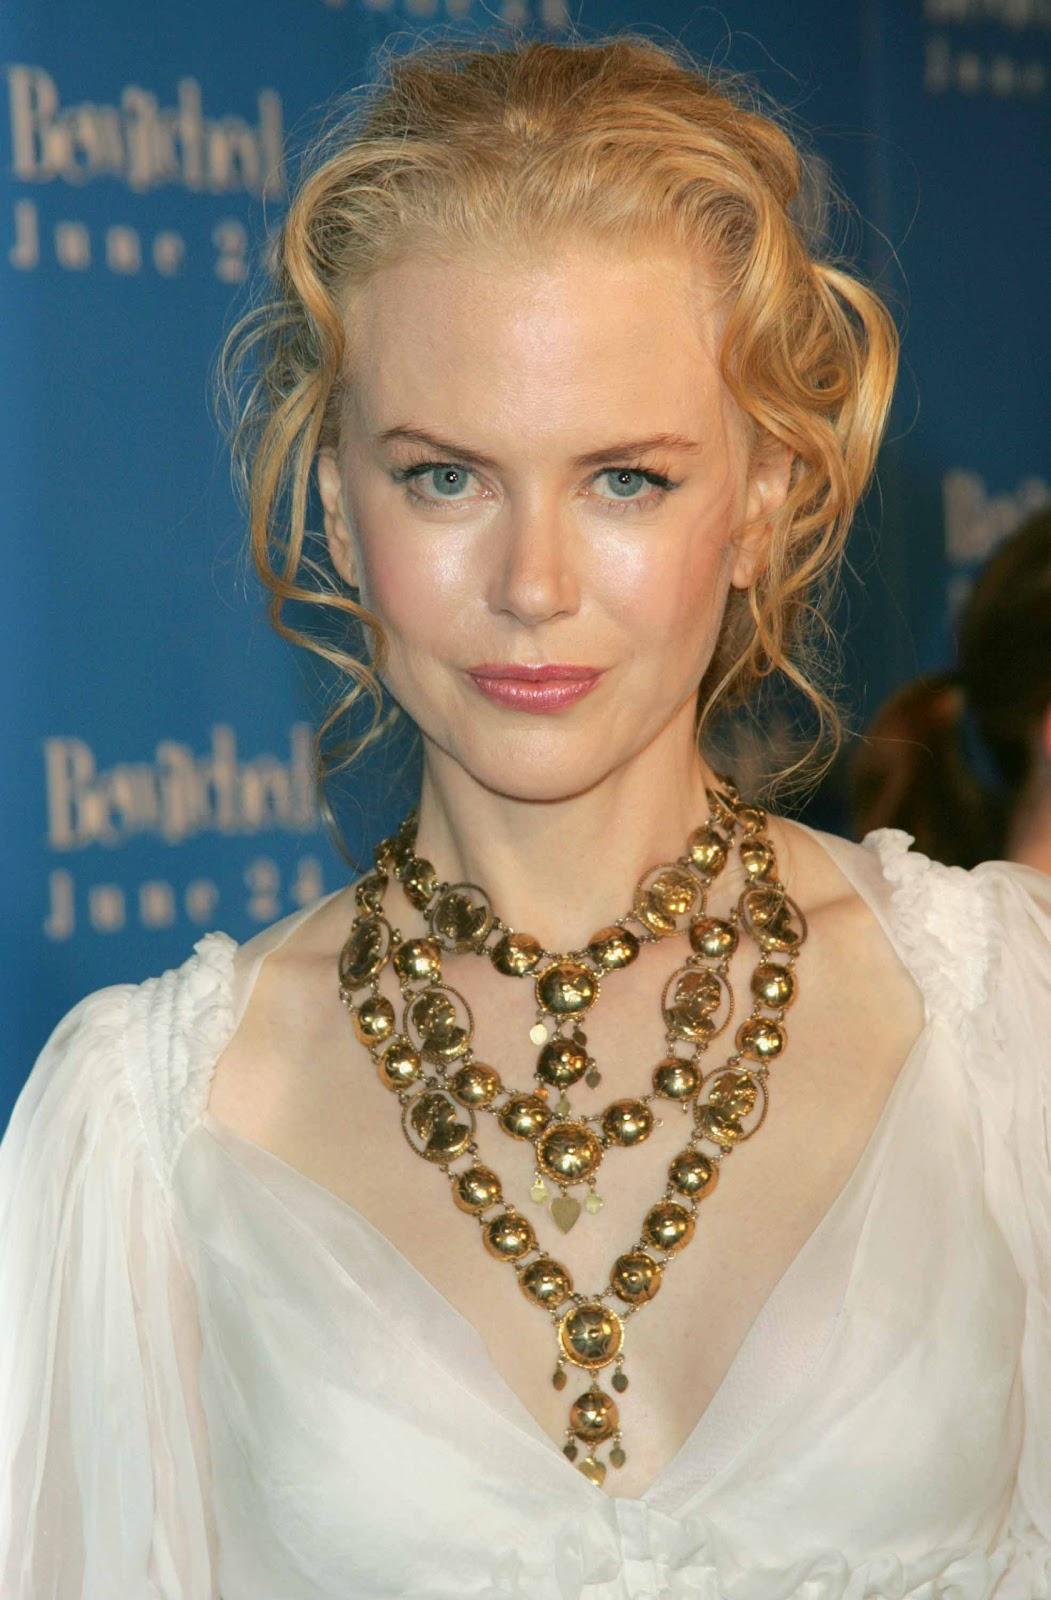 http://1.bp.blogspot.com/-S4XSF64rwrE/TrLAUQGWEyI/AAAAAAAABIA/uG6IB2jEOX0/s1600/Nicole+Kidman+X.jpg